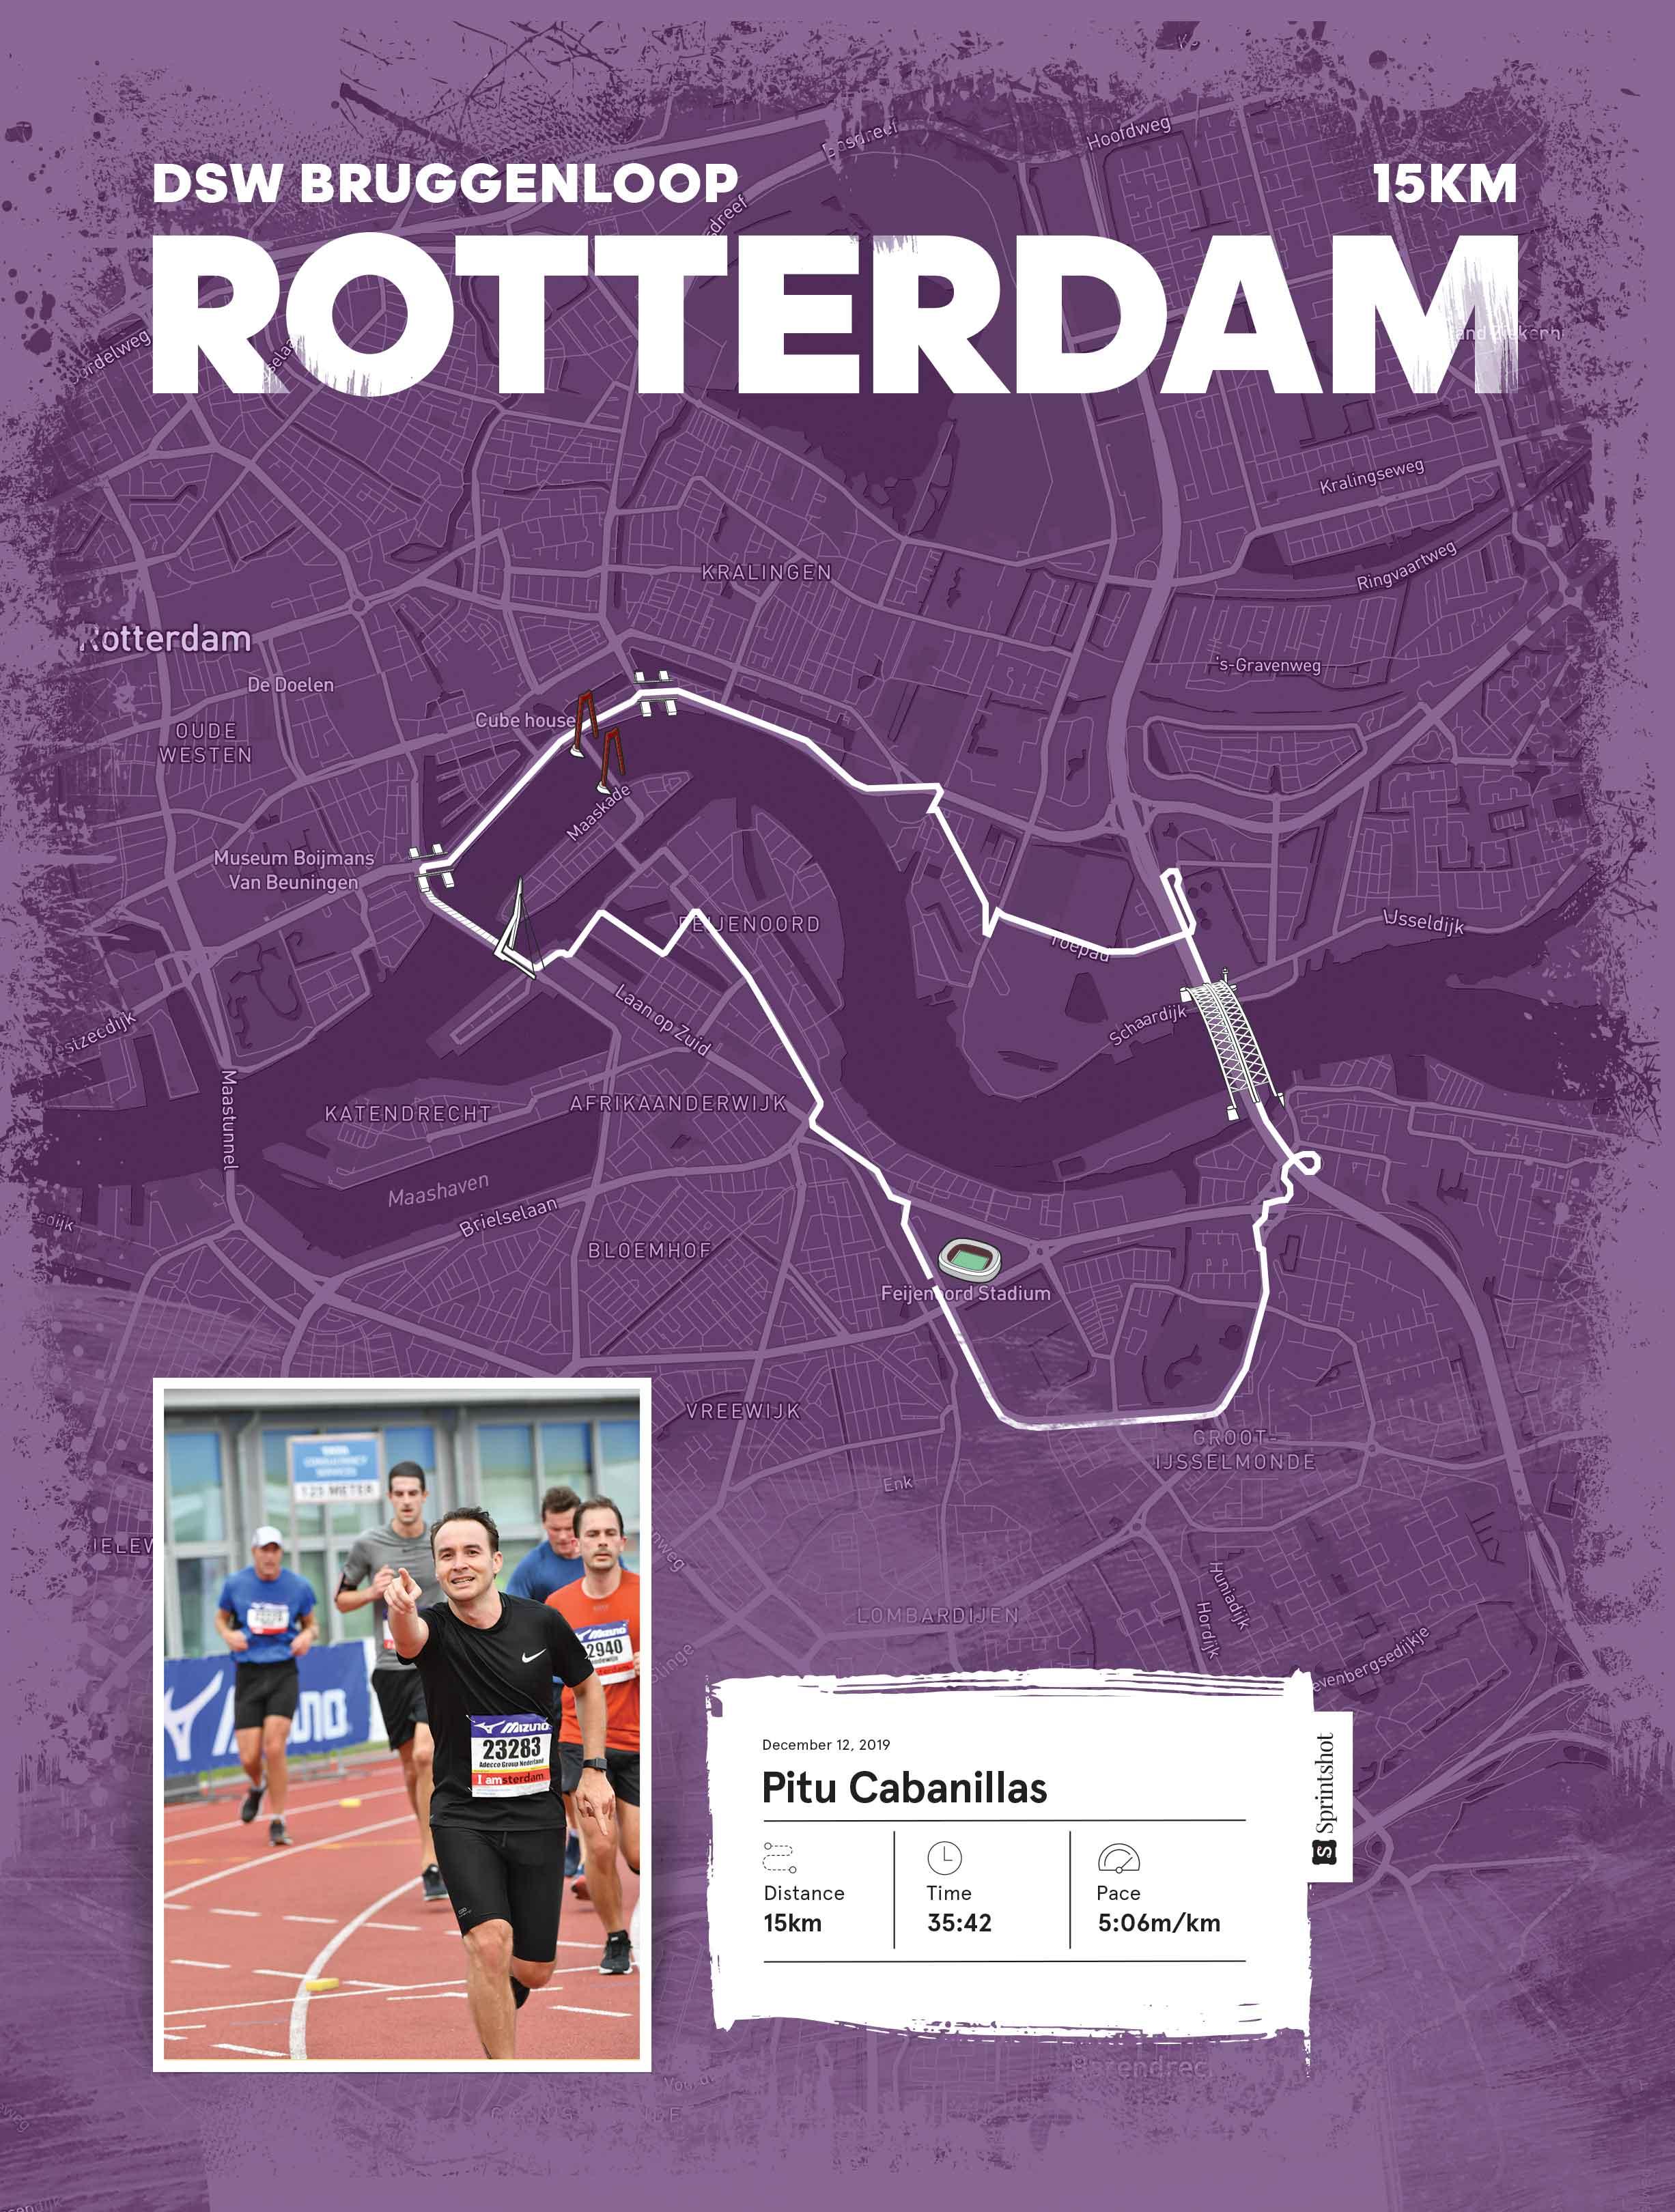 bruggenloop-rotterdam-sprintshot-2019-running